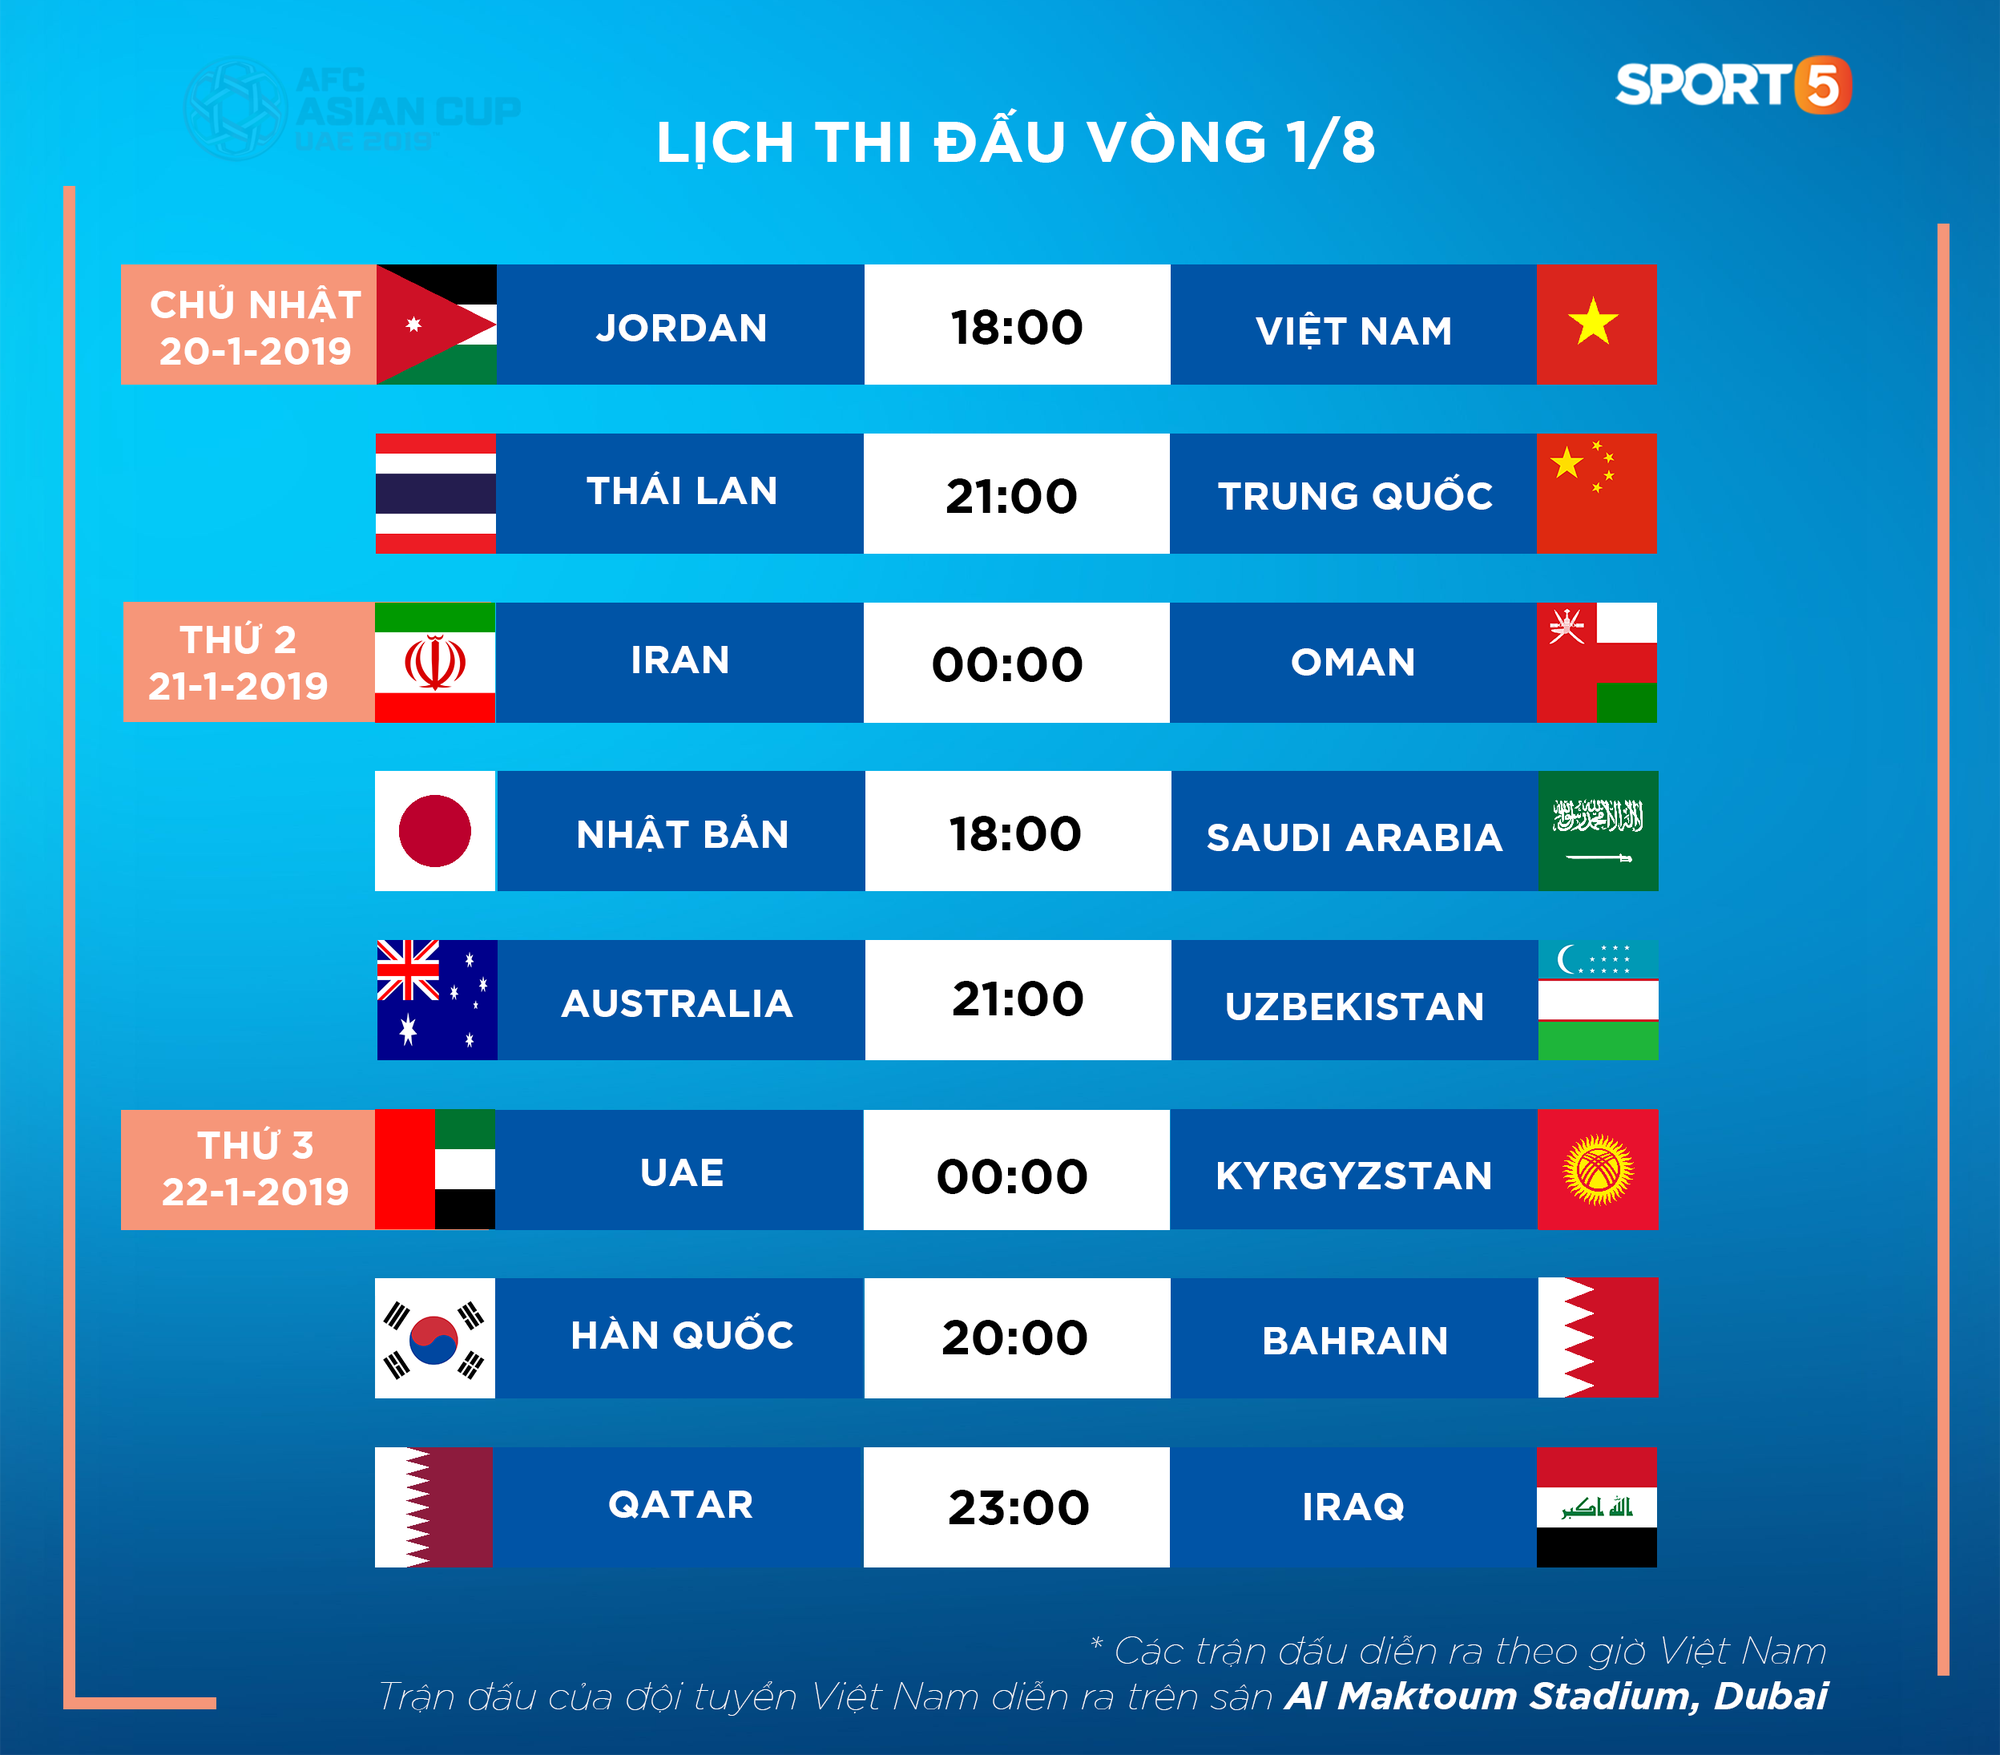 Nhà báo Jordan: Các cầu thủ Việt Nam chạy nhanh như gió. Đá hay chẳng kém gì Hàn Quốc - Ảnh 4.